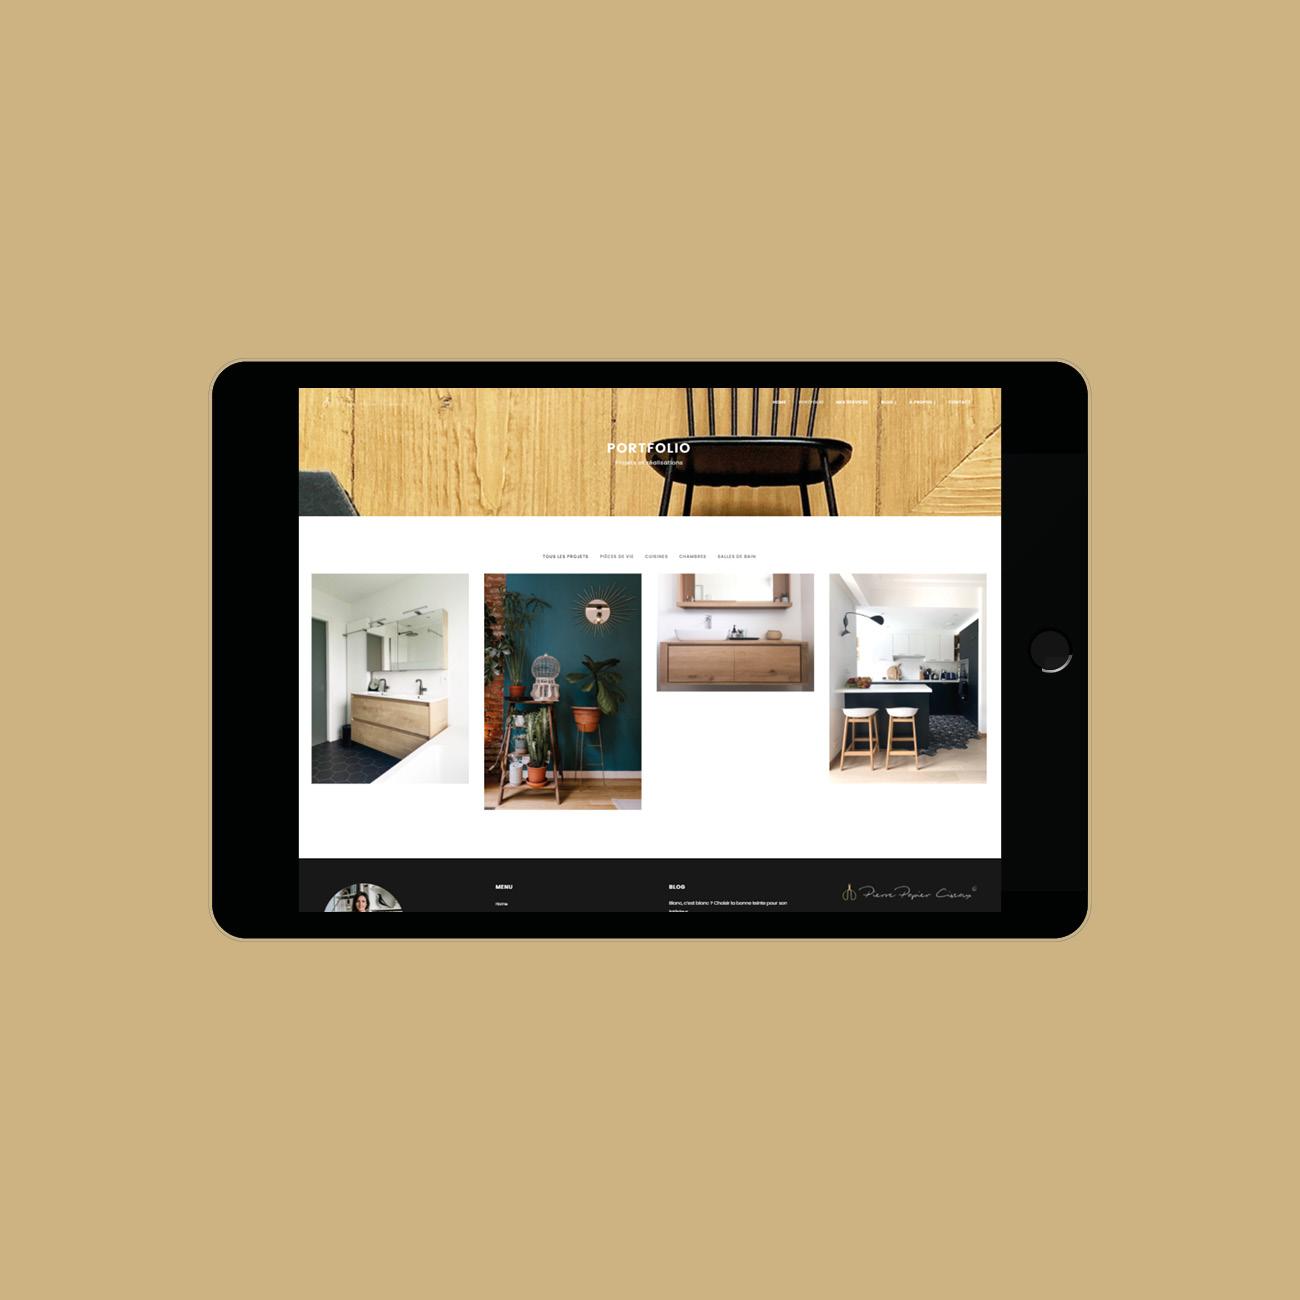 Miko Digital Agence web à Liège - Création site web Pierre Papier Ciseaux